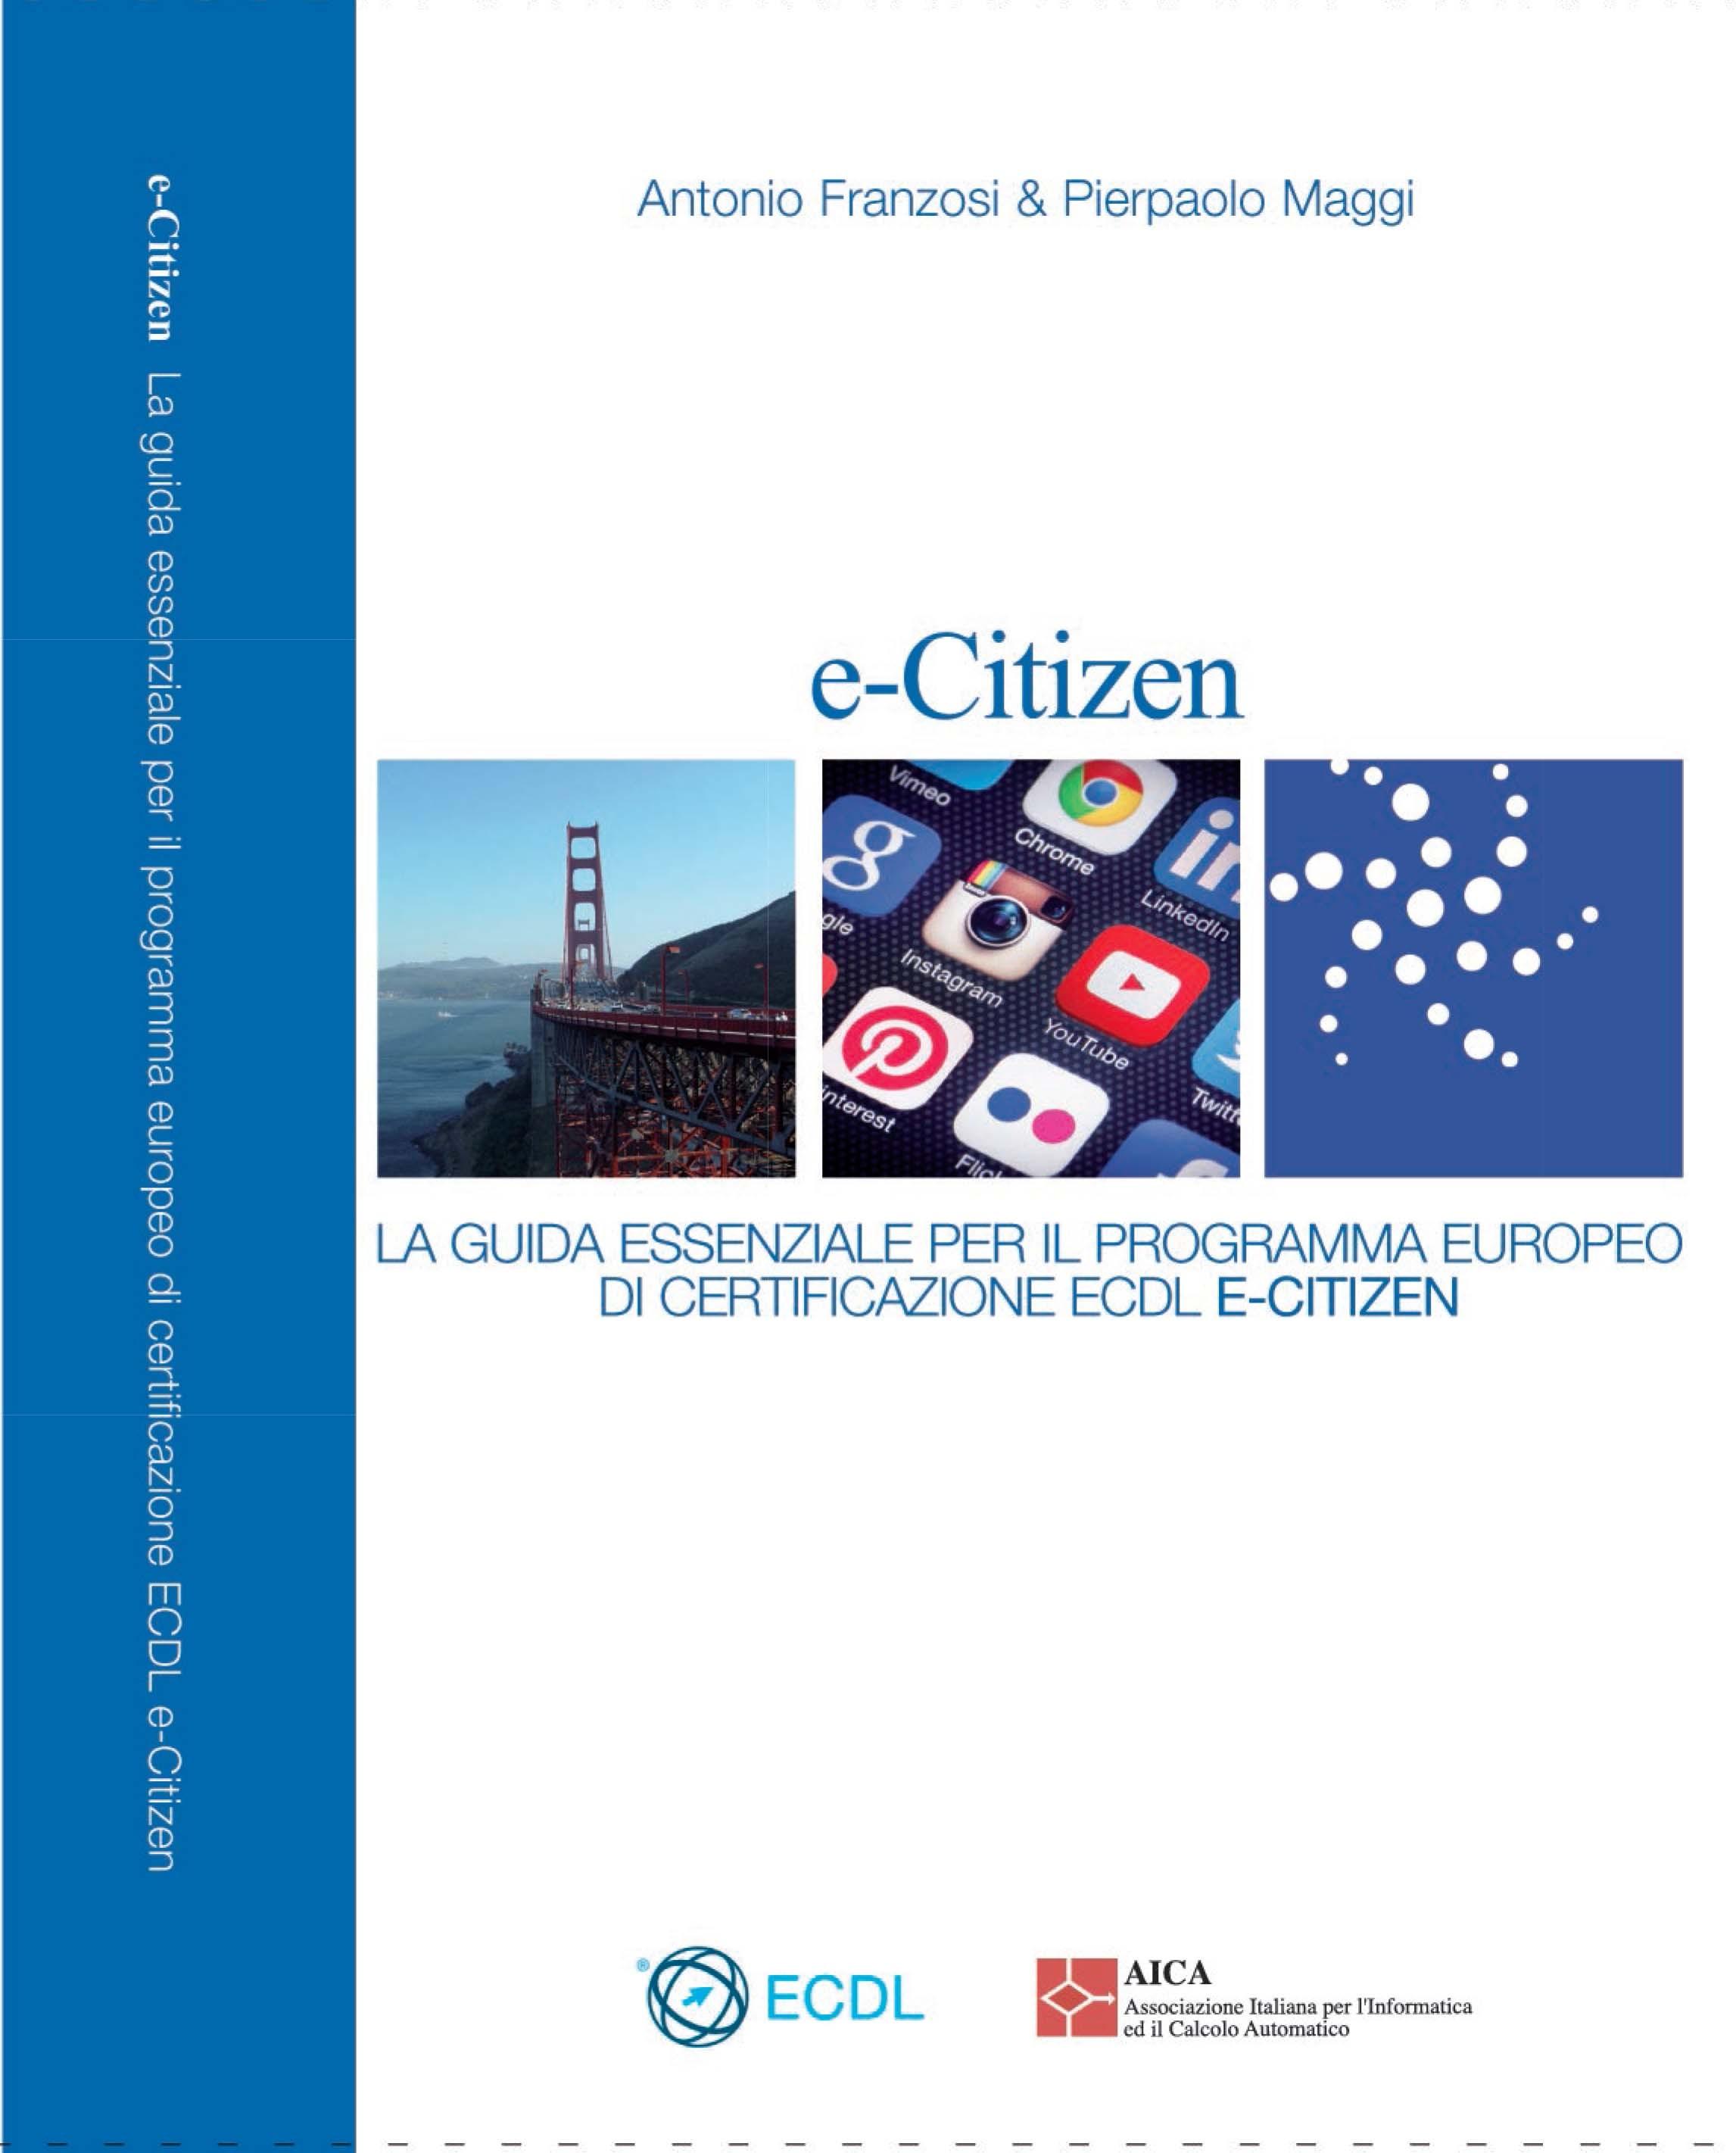 e-Citizen - La guida essenziale per e-Citizen - NUOVA EDIZIONE